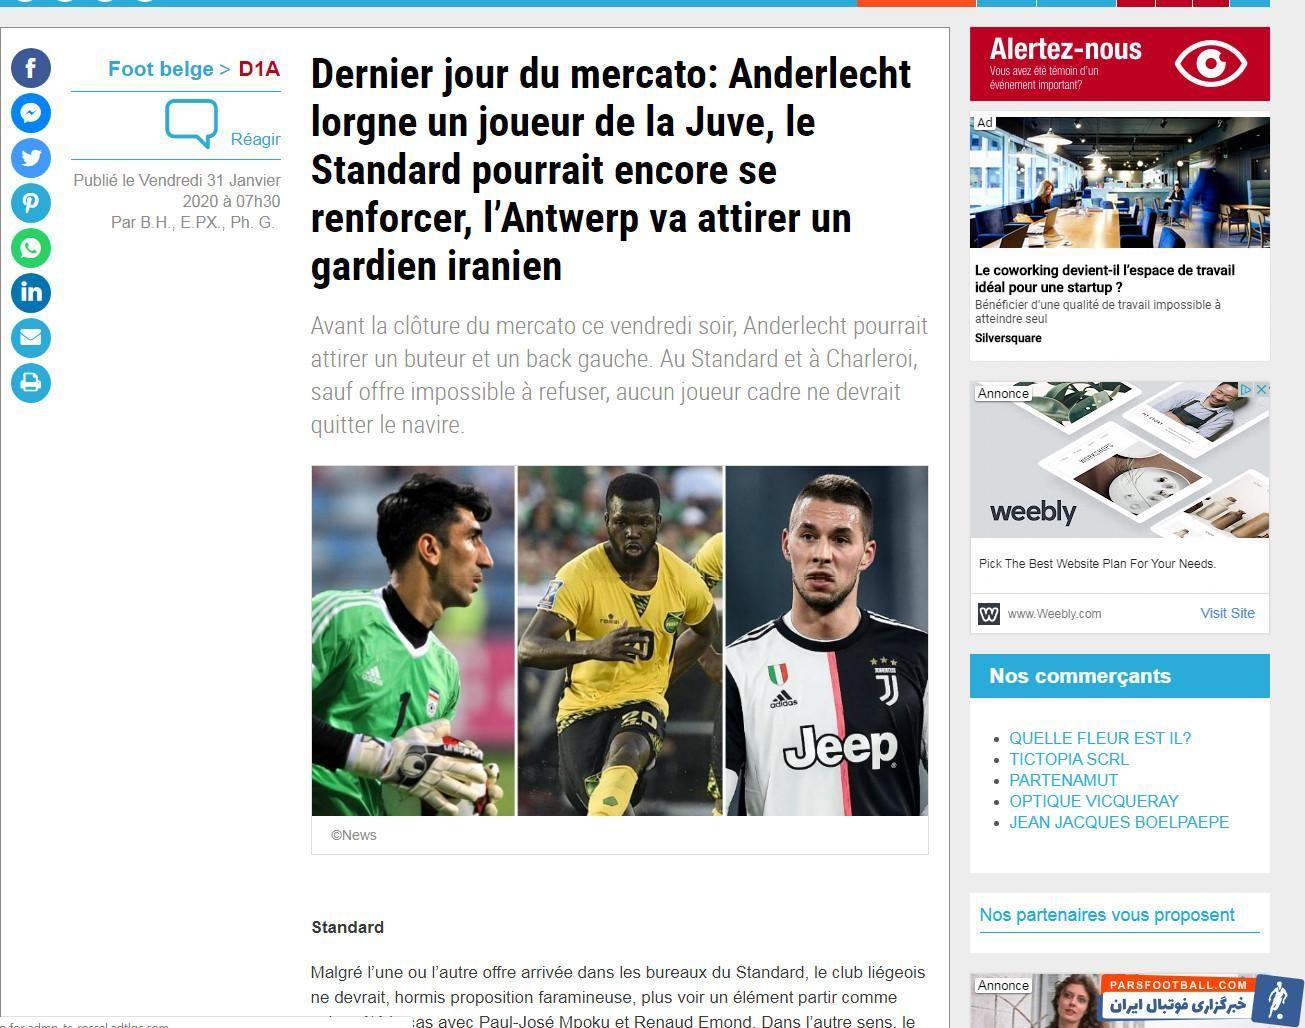 بیرانوند ؛ حضور بیرانوند در بین خرید های جذاب لیگ بلژیک از دید سایت sudinfo